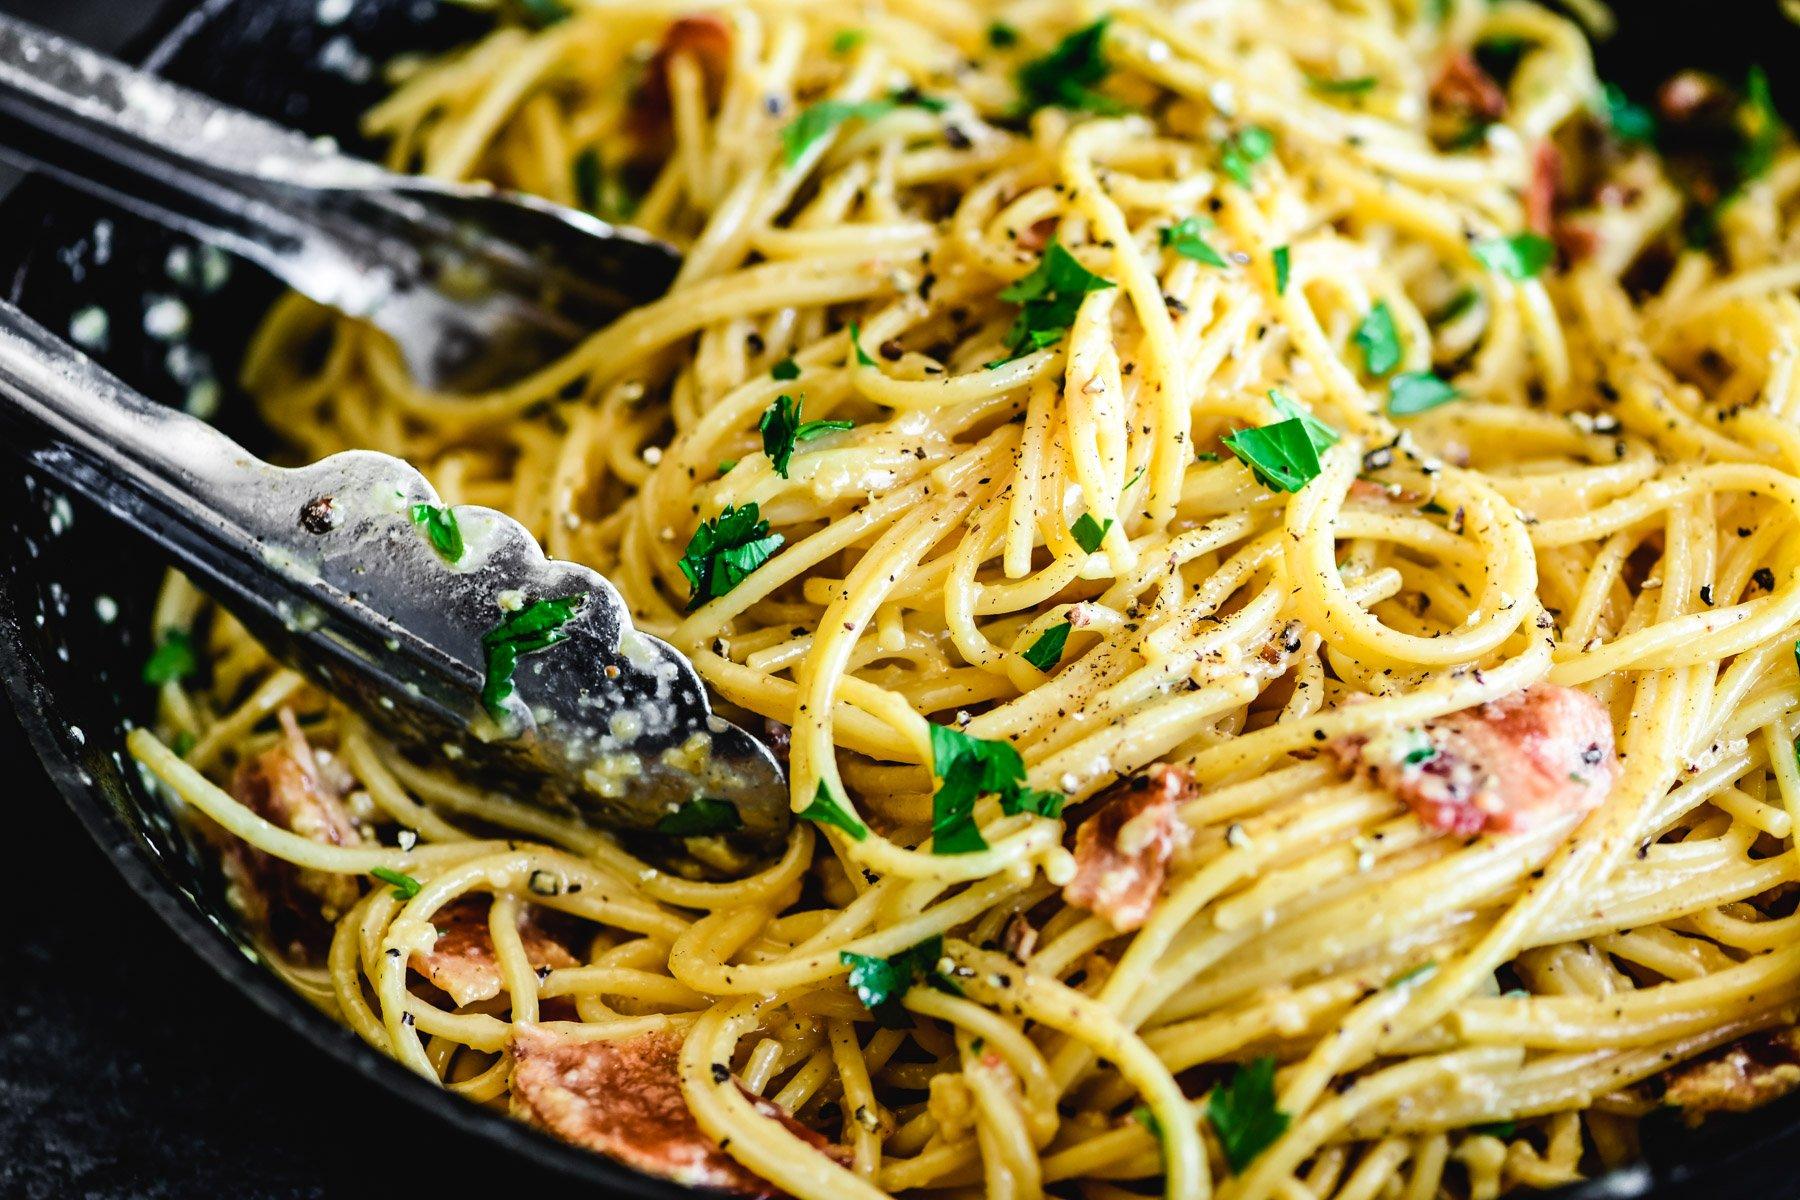 breakfast pasta carbonara in a cast iron skillet